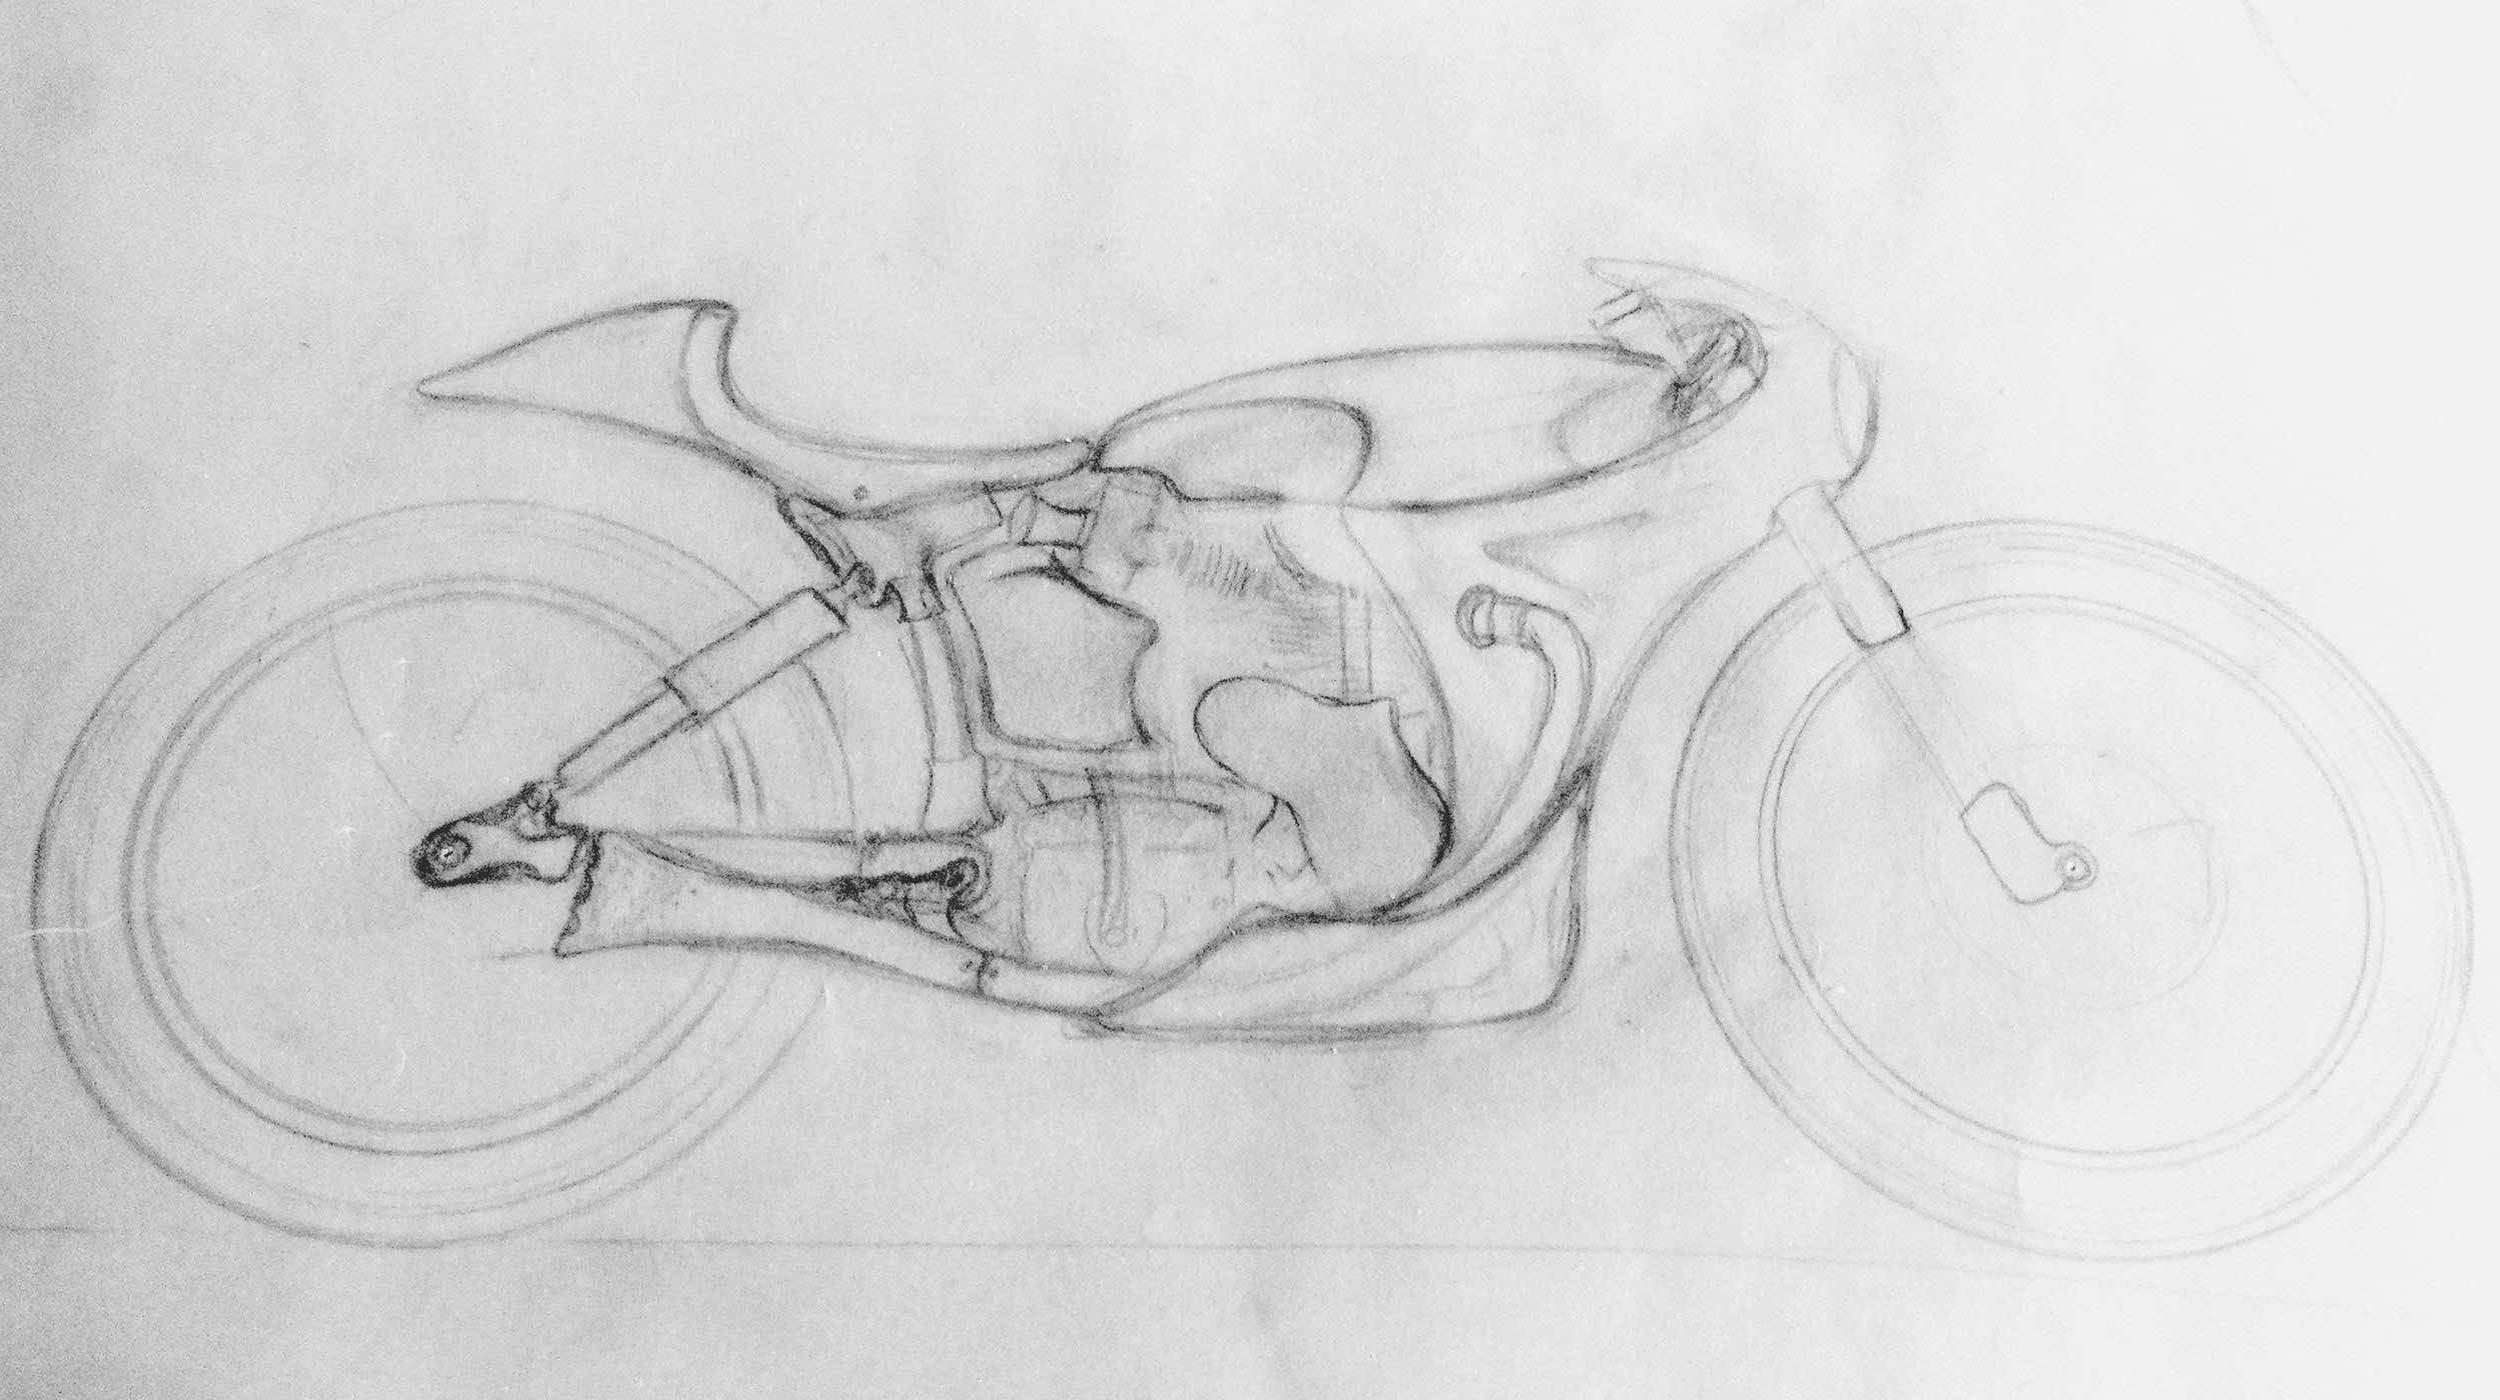 White-Right-Profile-Concept-Sketch-Web.jpg